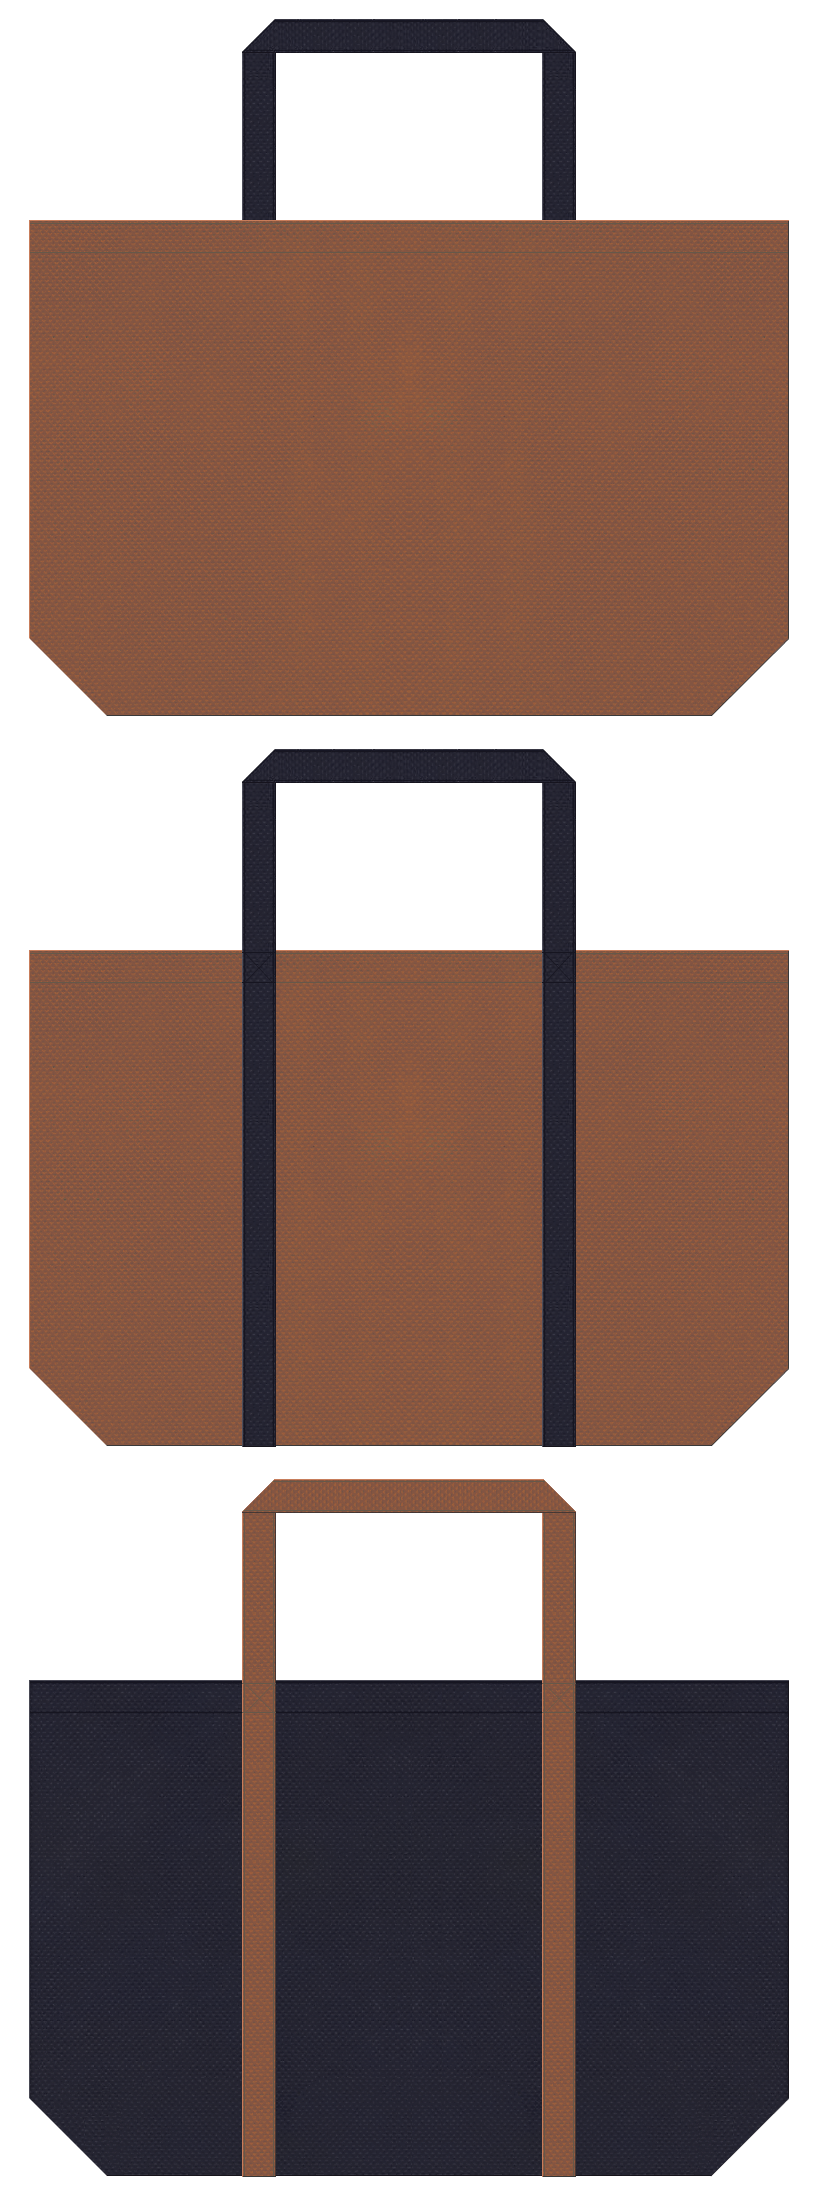 リー・ウェスタン・ウィスキー・馬車・乗馬クラブ・牧場イベント・ゲーム・テーマパーク・デニム・ジーンズ・メンズ・アウトレット・カジュアルファッションのショッピングバッグにお奨めの不織布バッグデザイン:茶色と濃紺色のコーデ